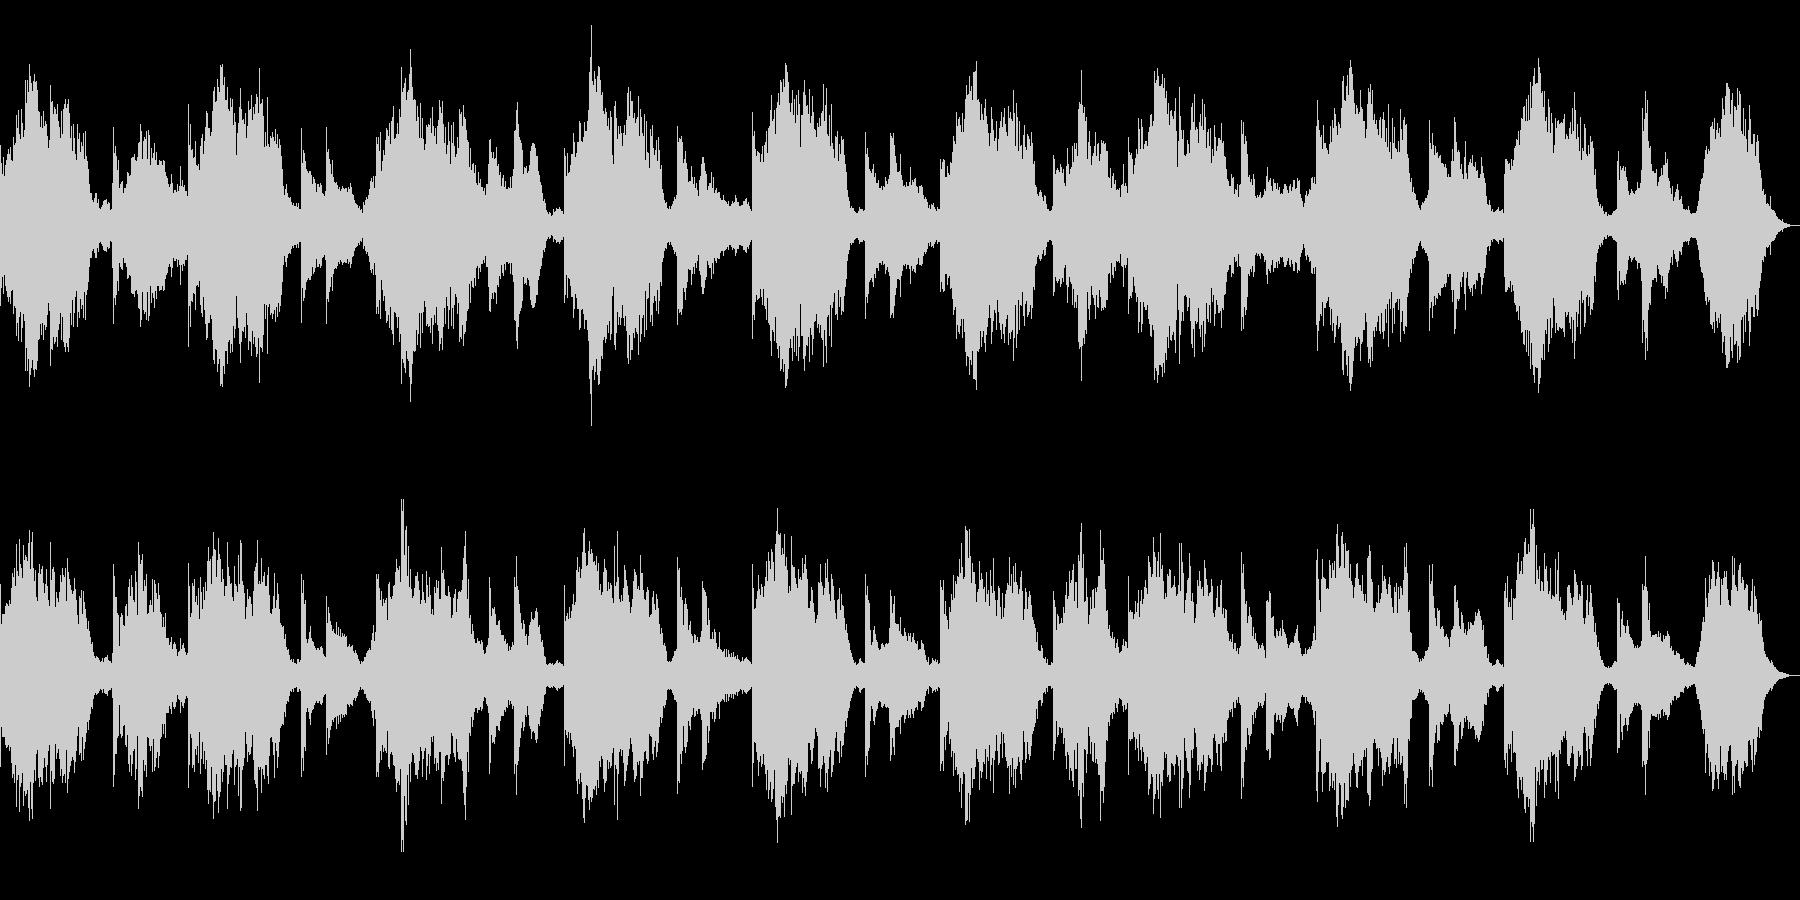 ダークでミステリアスなピアノ 奇怪な演出の未再生の波形